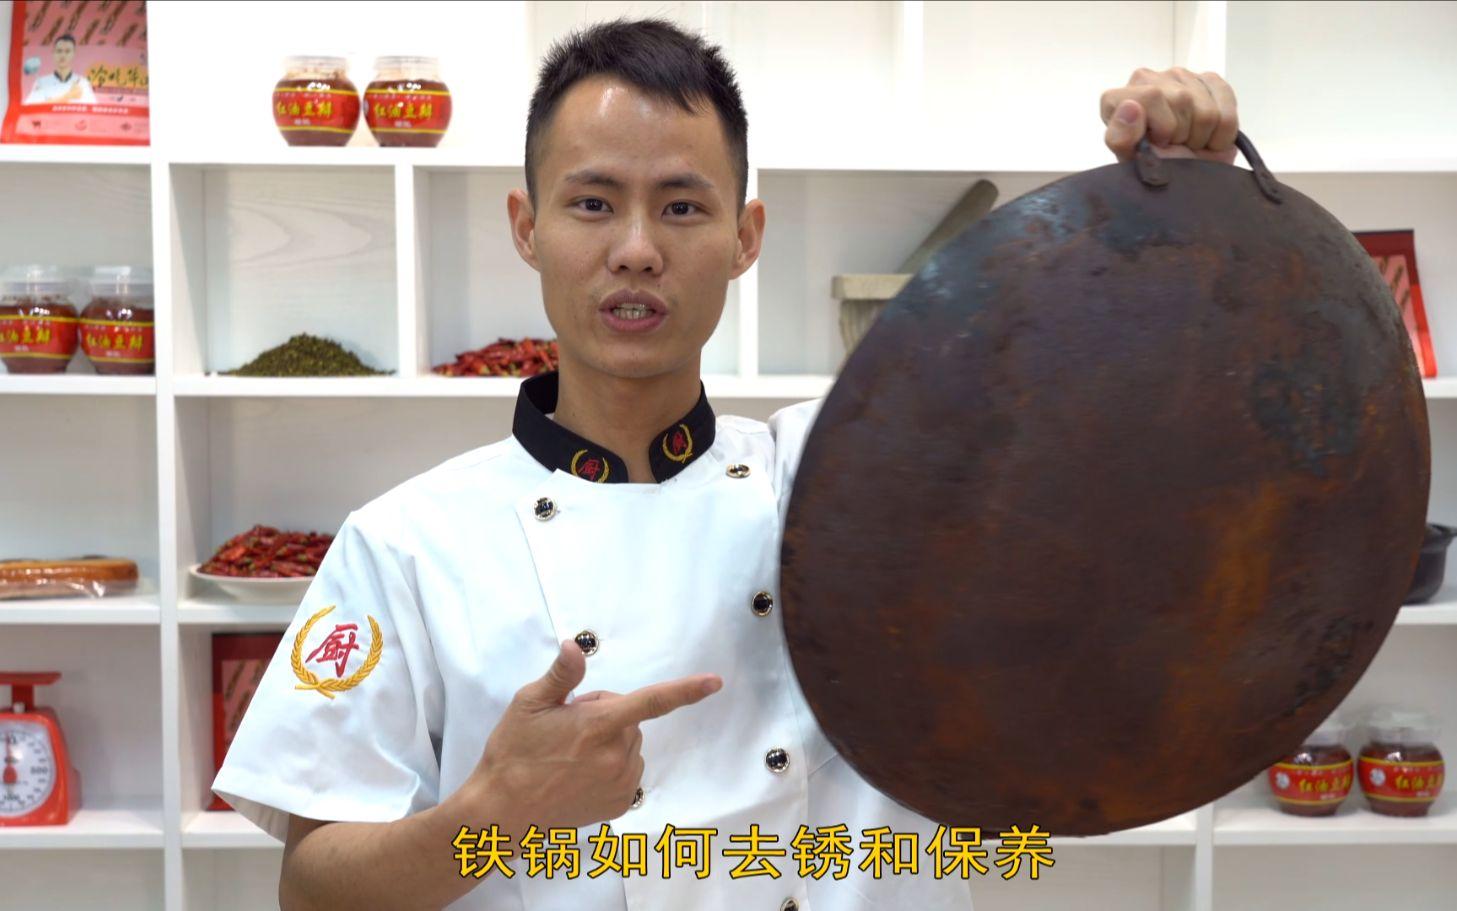 """厨师长教你:""""生锈的铁锅如何翻新"""",这个技巧很实用,先收藏了"""